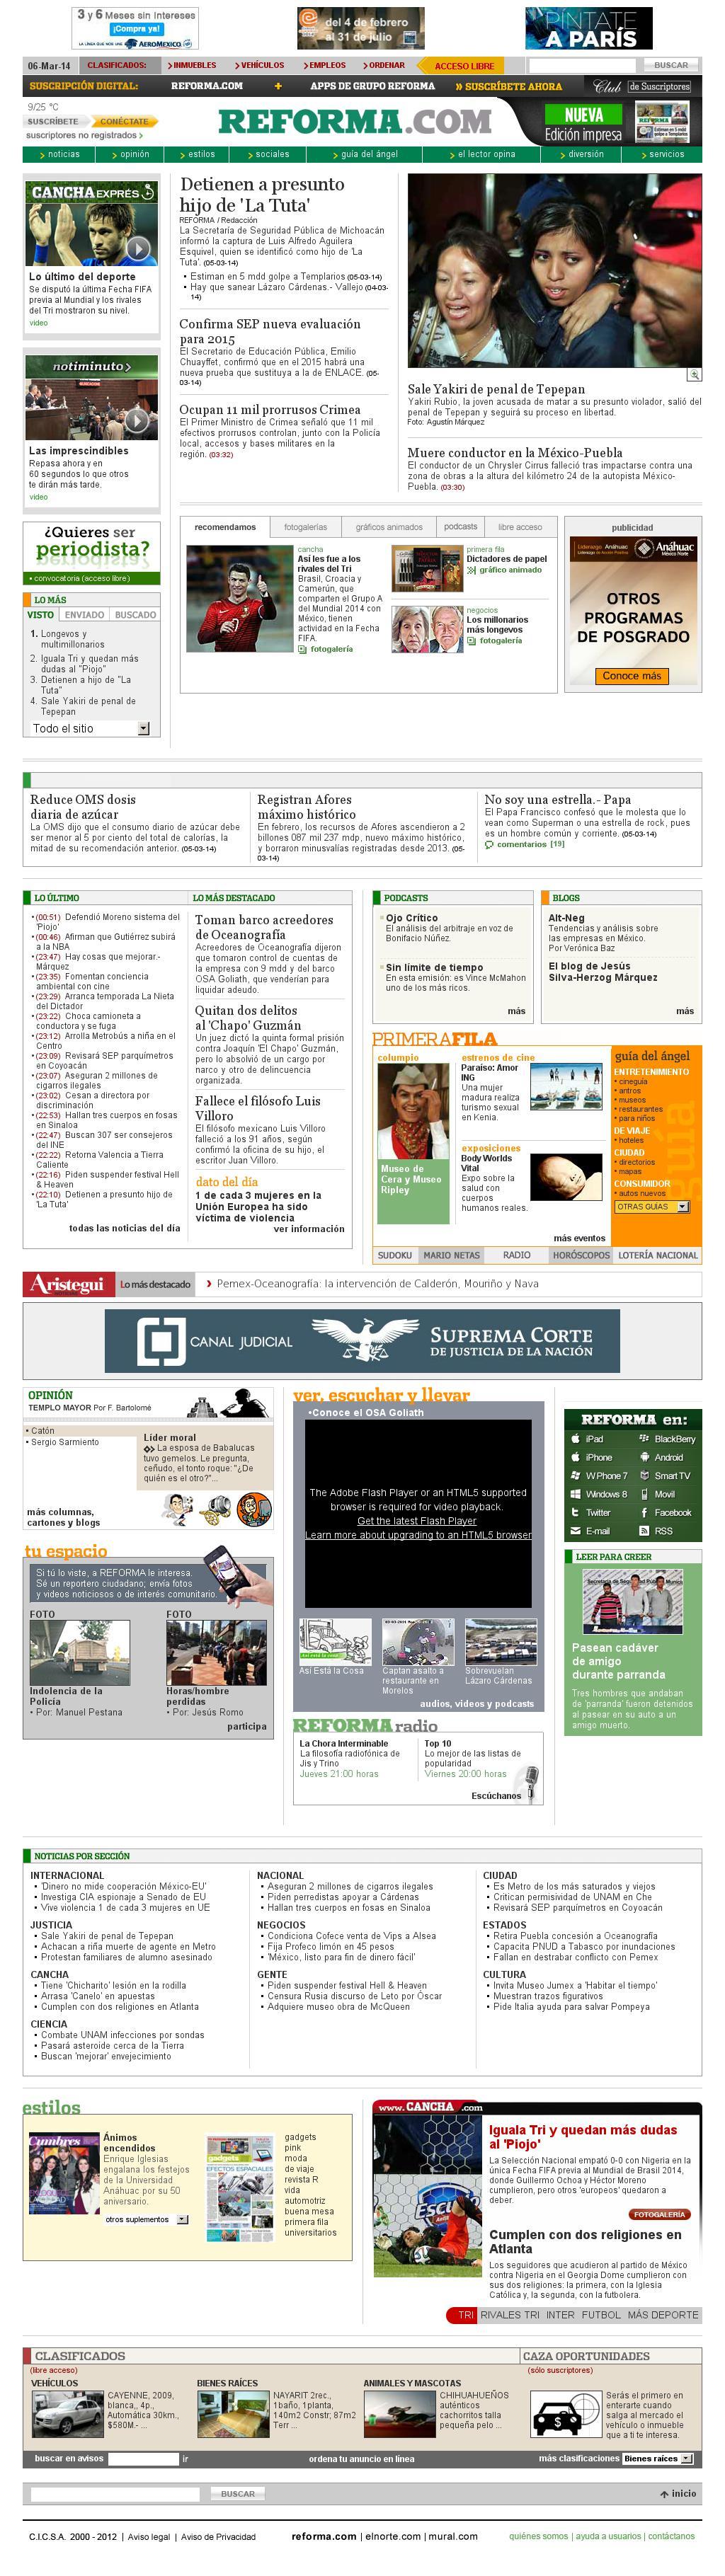 Reforma.com at Thursday March 6, 2014, 10:20 a.m. UTC